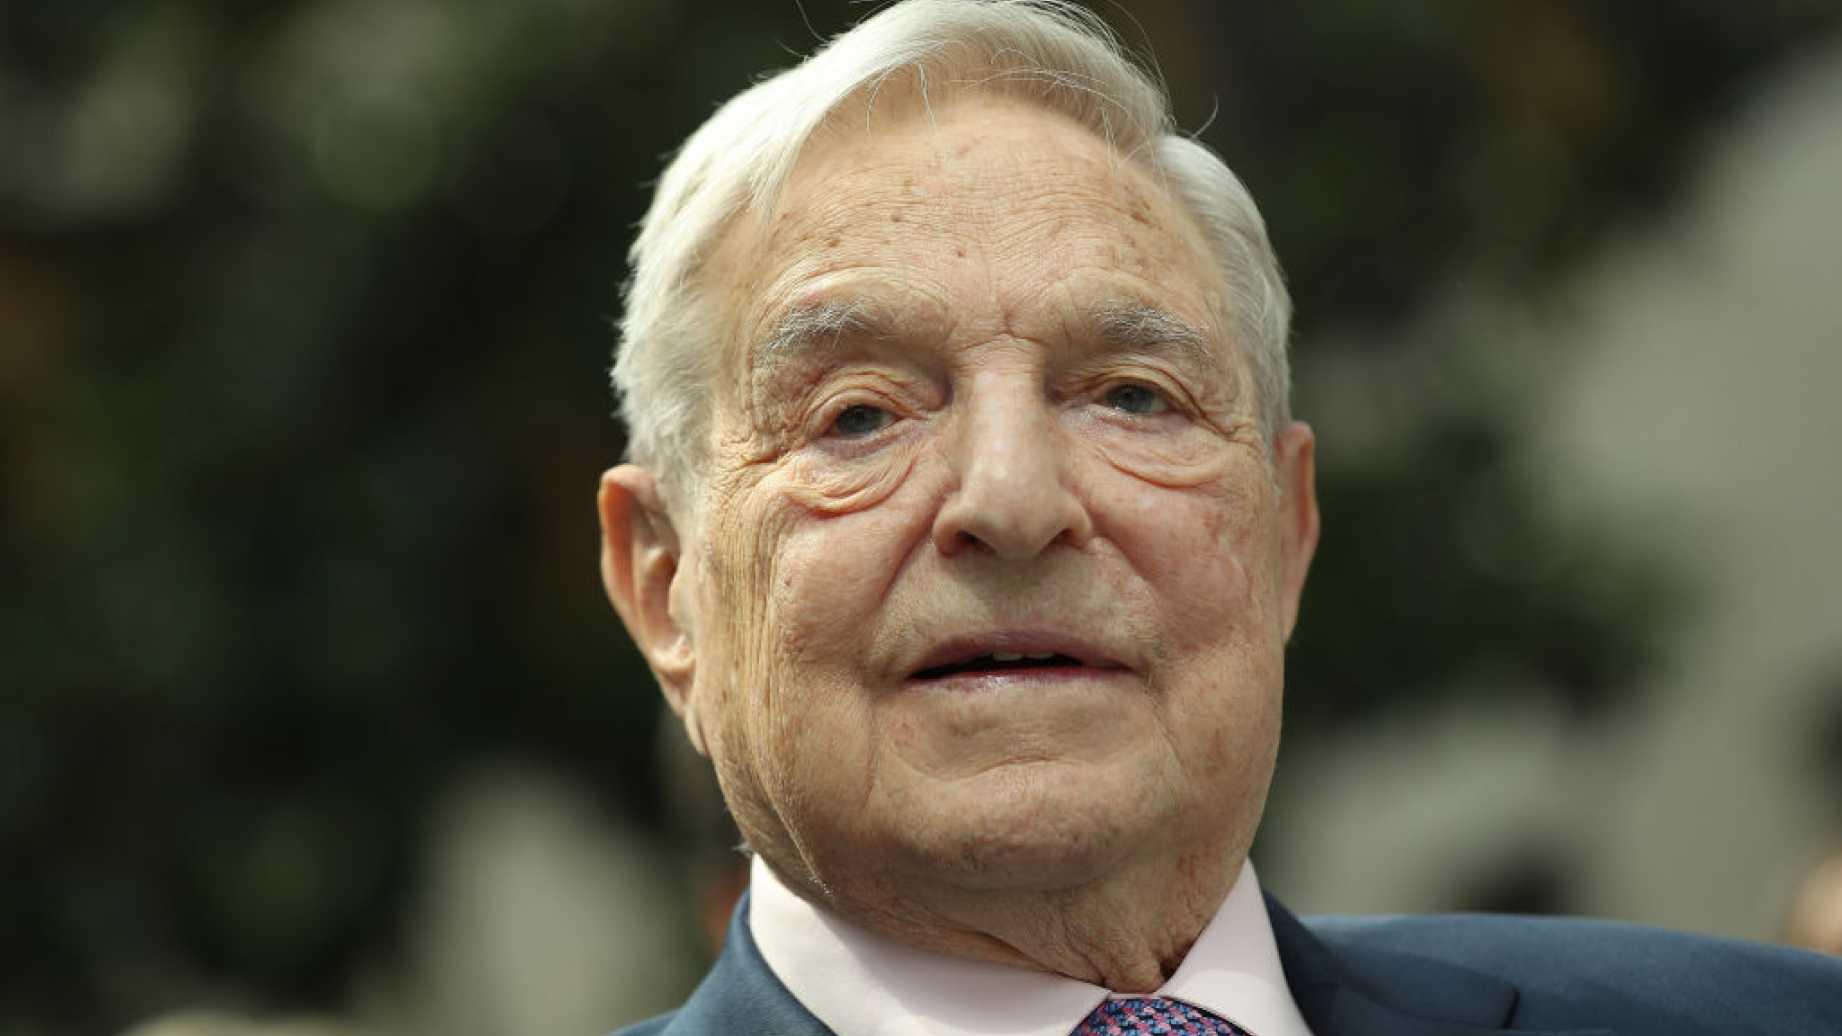 George Soros ar putea fi declarat TERORIST! Toate fondurile și organizațiile sale ar urma să fie SECHESTRATE